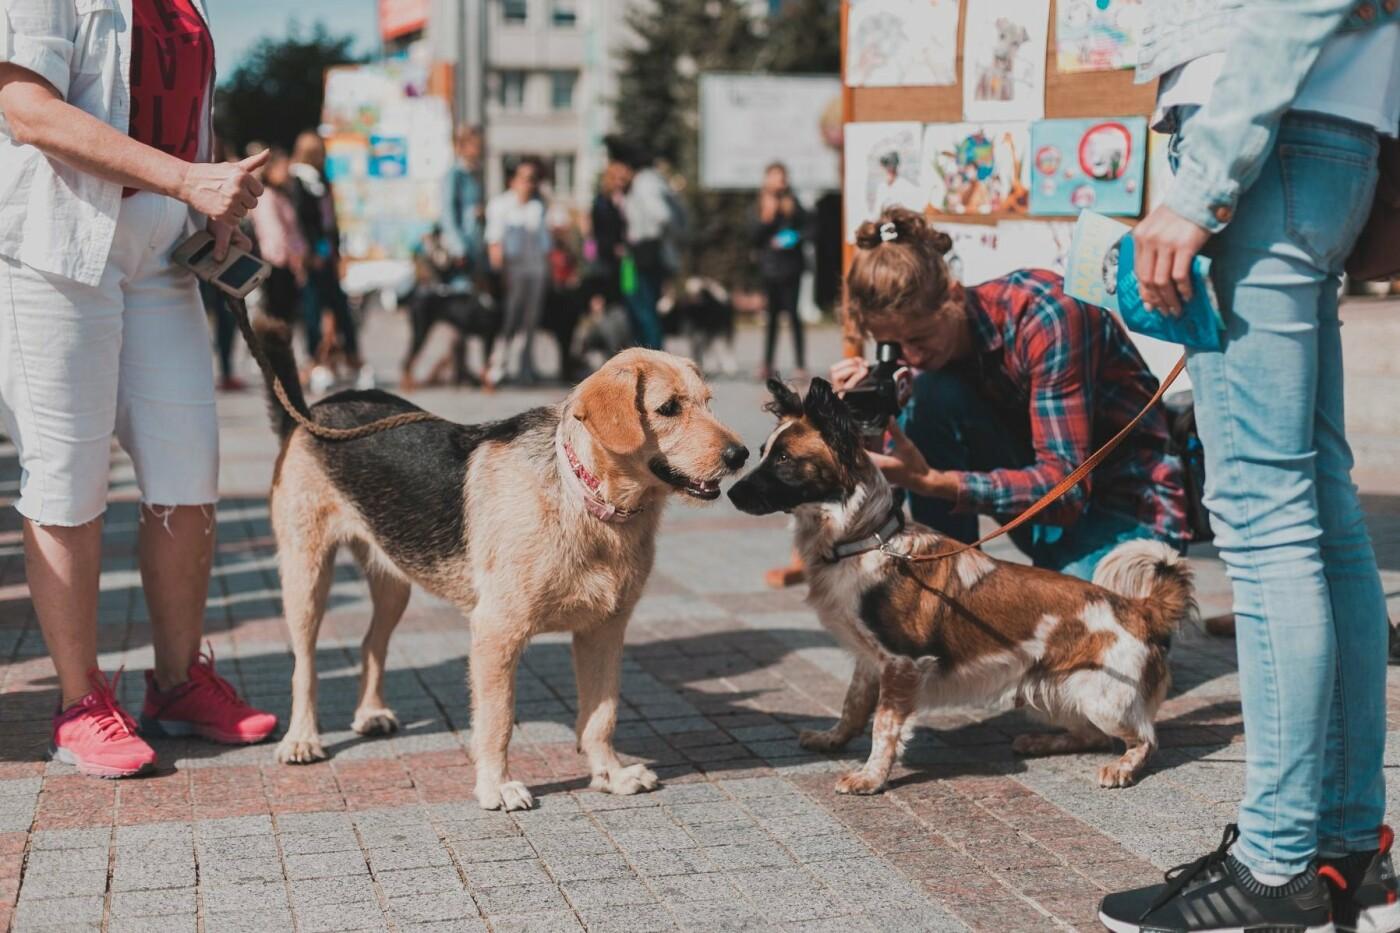 Разом з дітьми та домашніми улюбленцями: у Рівному пройшов Всеукраїнський марш за тварин (ФОТО), фото-13